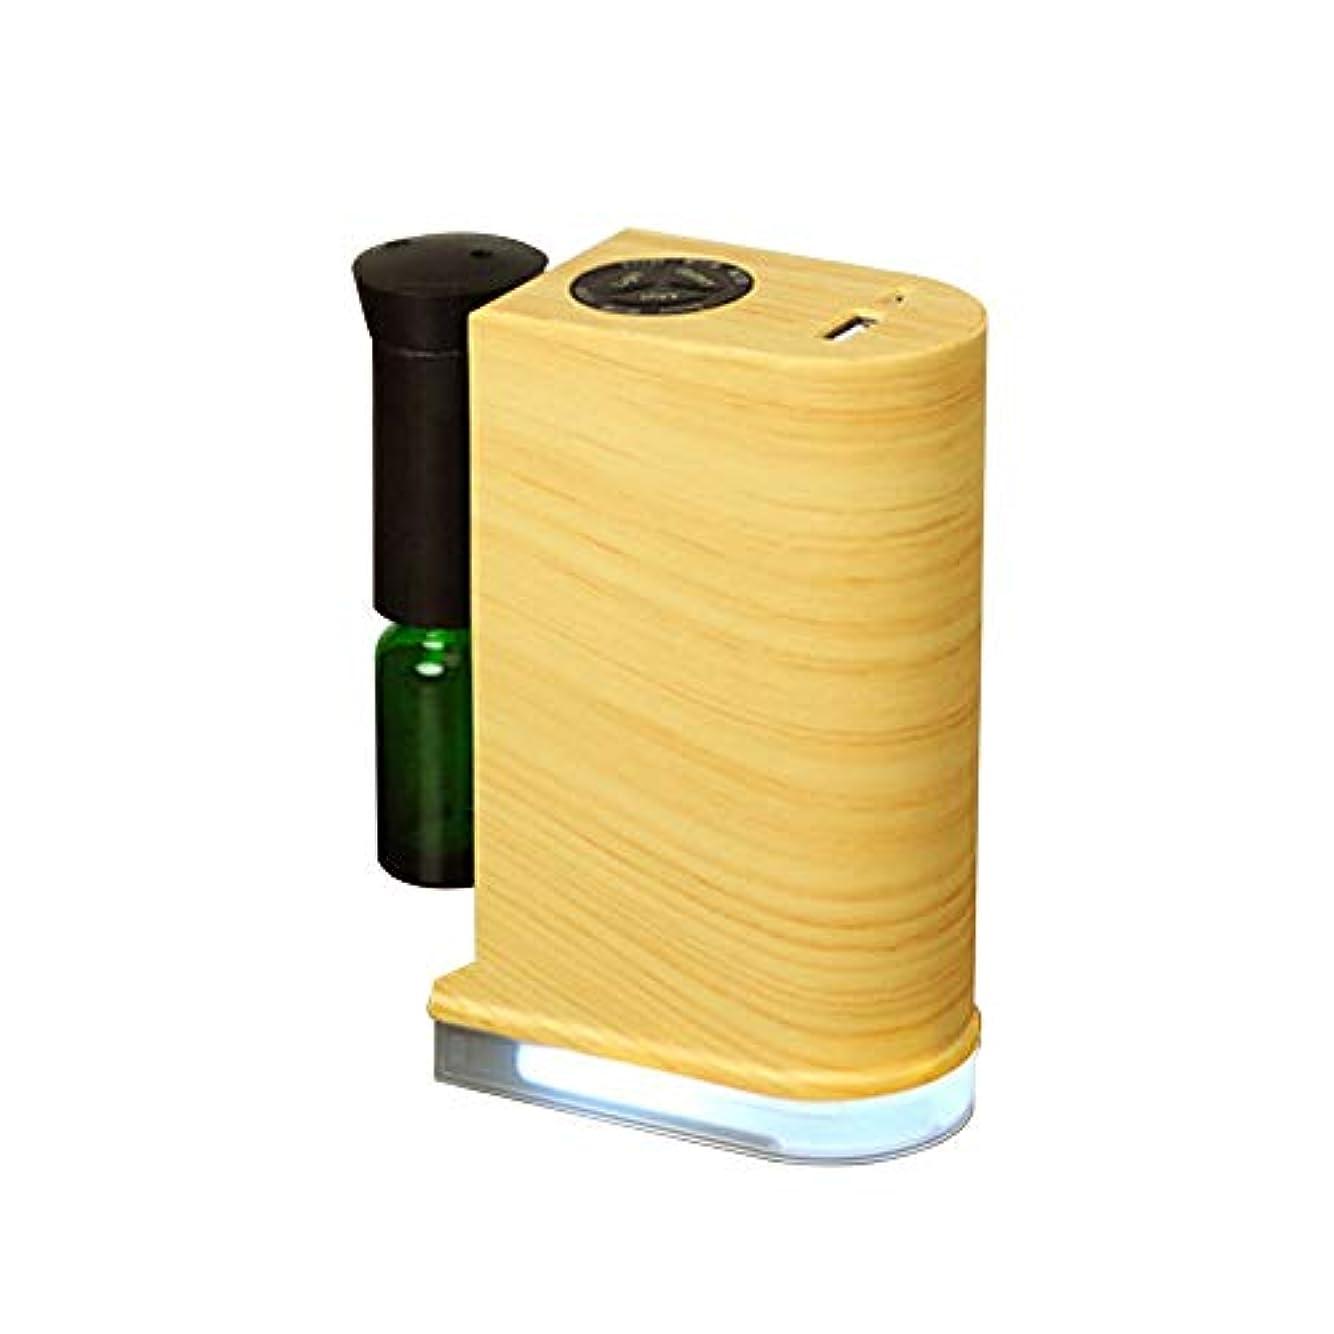 平和なベックス貨物アロマディフューザー 木目調 ネブライザー式 USBポート付き 癒しの空間 卓上 アロマライト アロマオイル スマホ充電可能 オフィス リビング ナチュラル